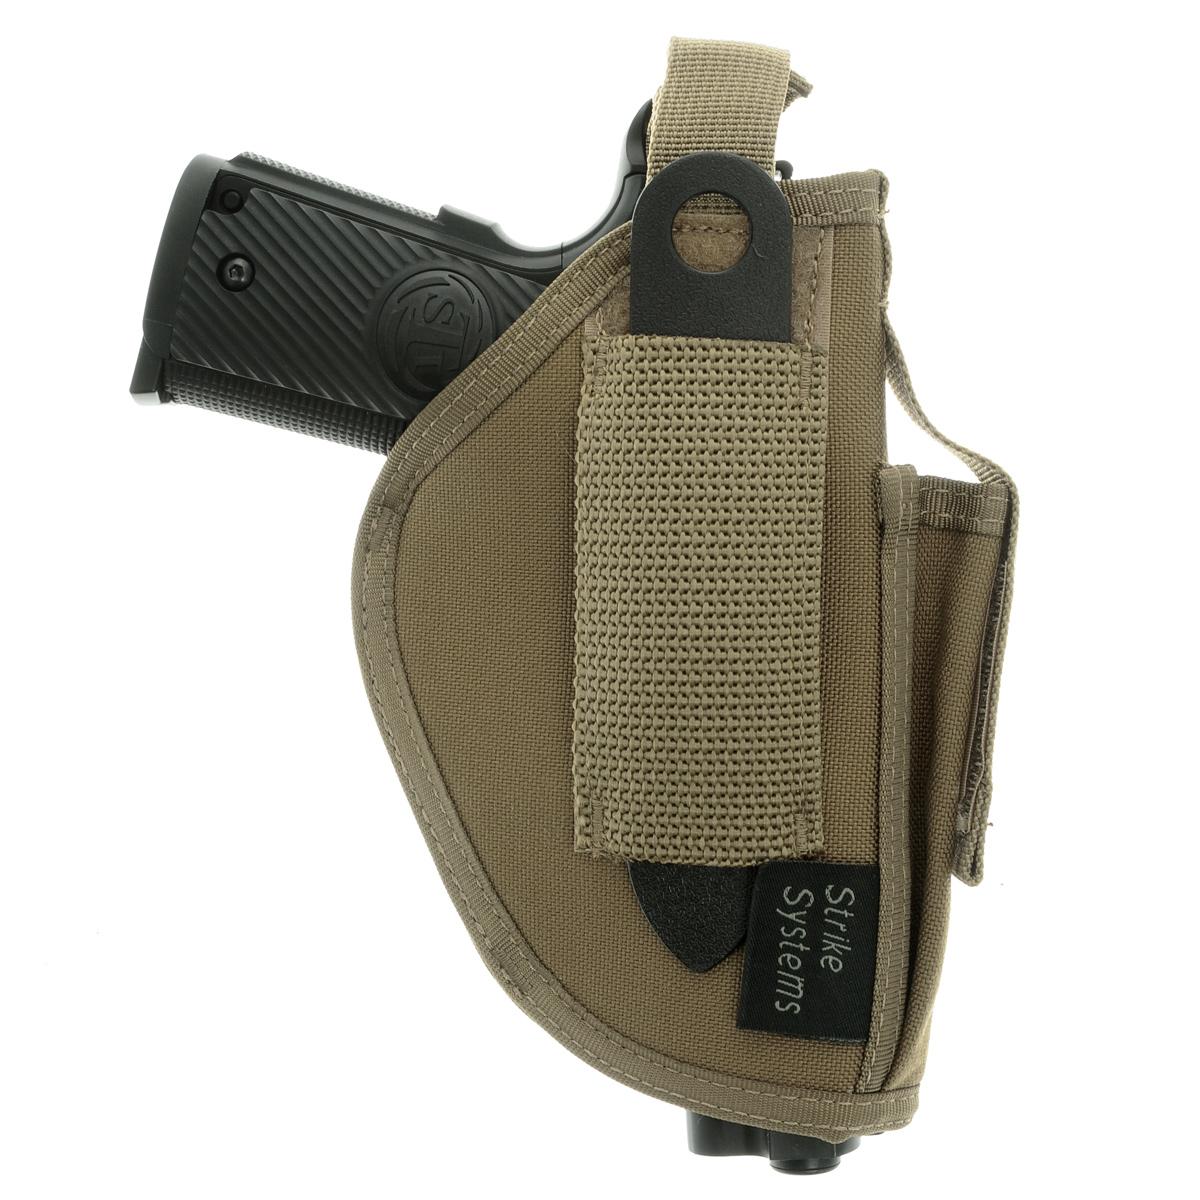 Кобура ASG оперативная для M92, G17/18, STI, CZ, Steyr, Bersa, цвет: Tan (17021)15924Кобура оперативная (для ношения под мышкой) для пневматических и страйкбольных пистолетов серий M92, G17/18, STI, CZ, Steyr, Bersa (полноразмерные и среднеразмерные - Full Frame и Mid Frame) с подсумком для запасного магазина.Предназначена для ношения в тире и на полигоне. Не рассчитана на скрытое ношение. Показанные на фото оружие и аксессуары в комплект не входят. Не рассчитана на использование с боевым оружием. Подходит для правшей.Регулируется по размерам.Комфортные мягкие лямки.Двойные швы.Из износостойкого и влагостойкого нейлона.Возвраттоваравозможен только при наличии заключения сервисного центра.Время работы сервисного центра: Пн-чт: 10.00-18.00 Пт: 10.00- 17.00Сб, Вс: выходные дниАдрес: ООО ГАТО, 121471, г.Москва,ул.ПетраАлексеева,д12., тел. (495)232-4670, gato@gato.ruХарактеристики: Материал: нейлон. Размер кобуры (без креплений): 18 см х 11 см х 4 см. Размер упаковки: 33 см х 22 см х 7 см. Артикул: 17021.Уважаемые покупатели, обращаем Ваше внимание что авиадоставка в нижеперечисленные города этого товара временно недоступна! 1. Ангарск 2. Благовещенск 3. Бодайбо 4. Братск 5. Владивосток 6. Воркута 7. Иркутск 8. Калининград 9. Надым 10. Нарьян-Мар 11. Находка 12. Норильск 13. Петропавловск-Камчатский 14. Салехард 15. Улан-Удэ 16. Уссурийск 17. Ухта 18. Хабаровск 19. Чита 20. Энергетик 21. Южно-Сахалинск 22. Якутск